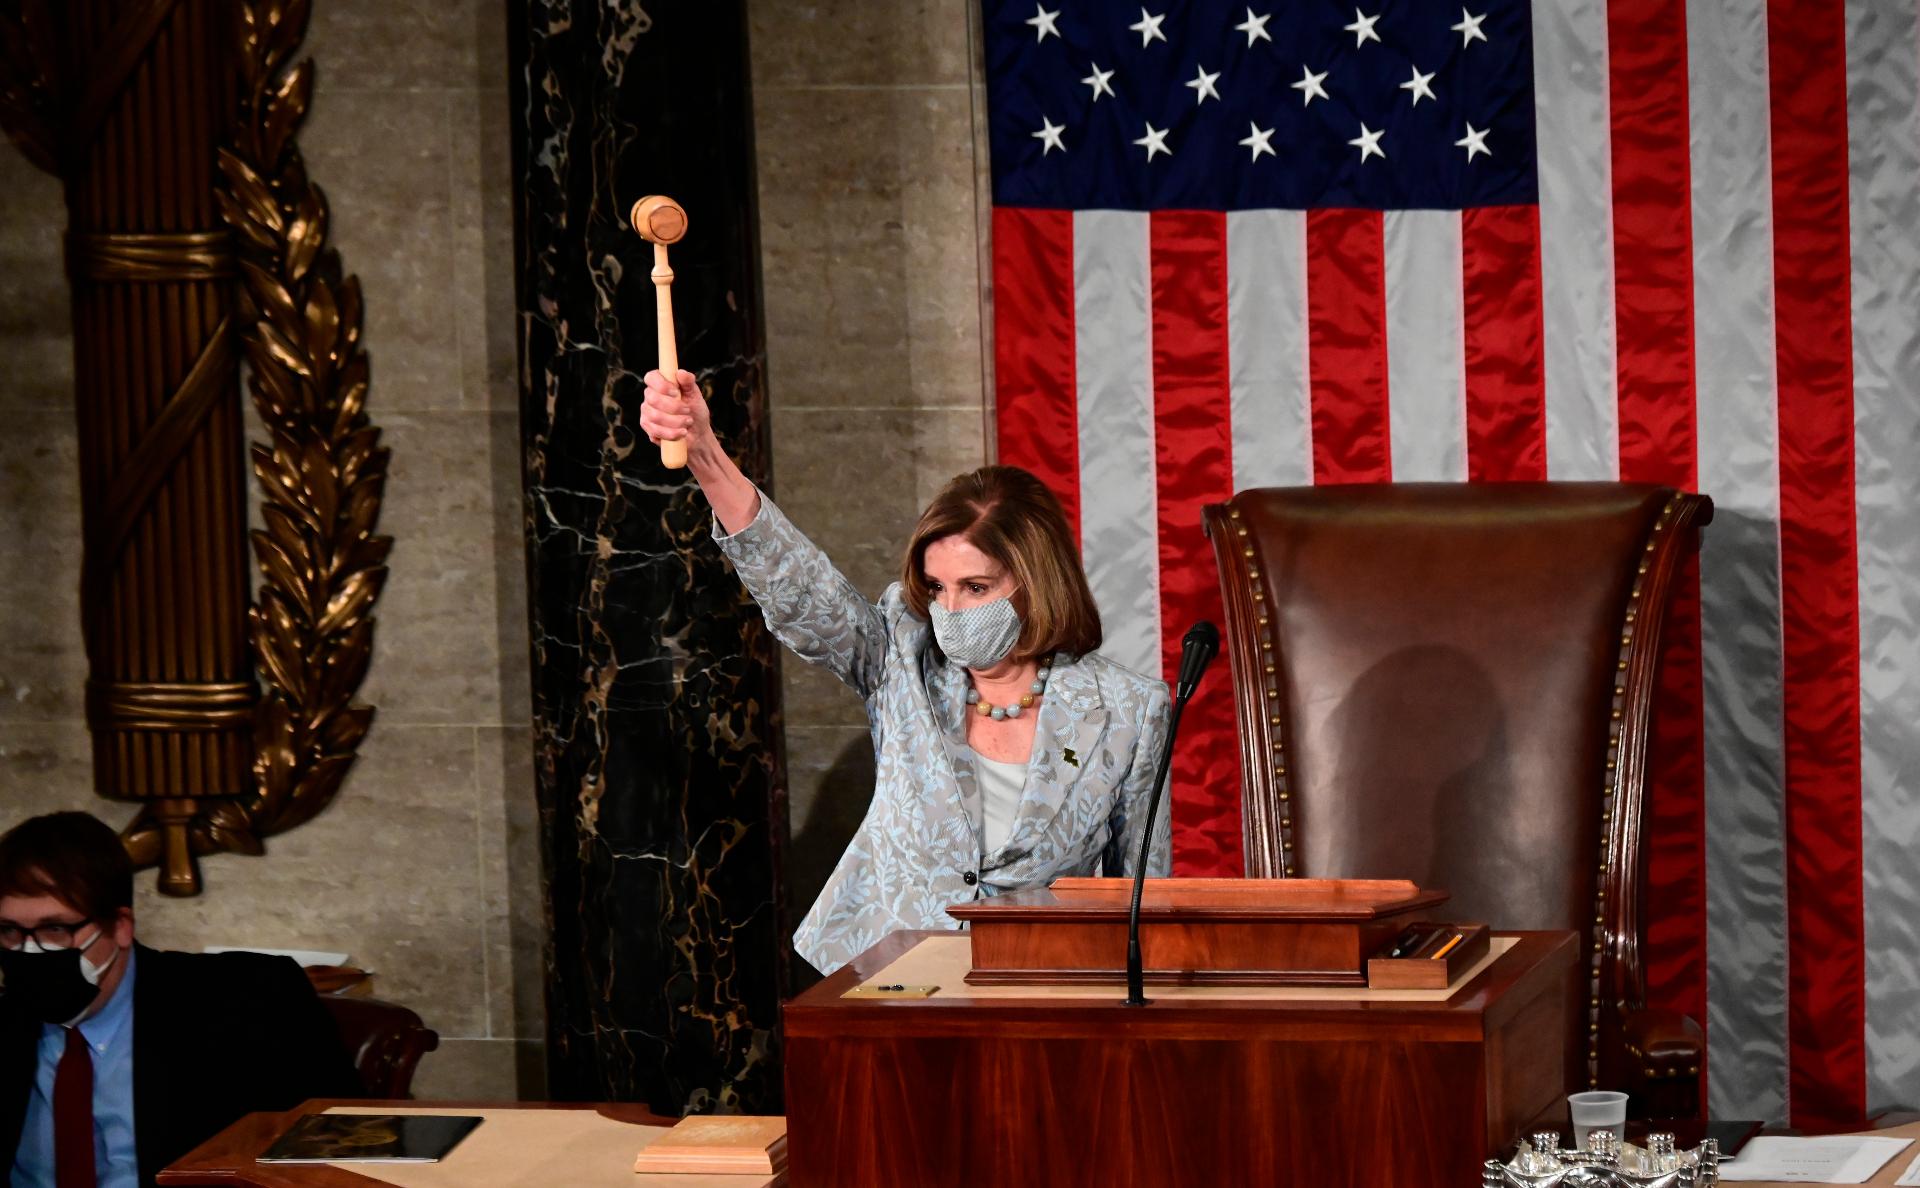 Пелоси в четвертый раз возглавила палату представителей США